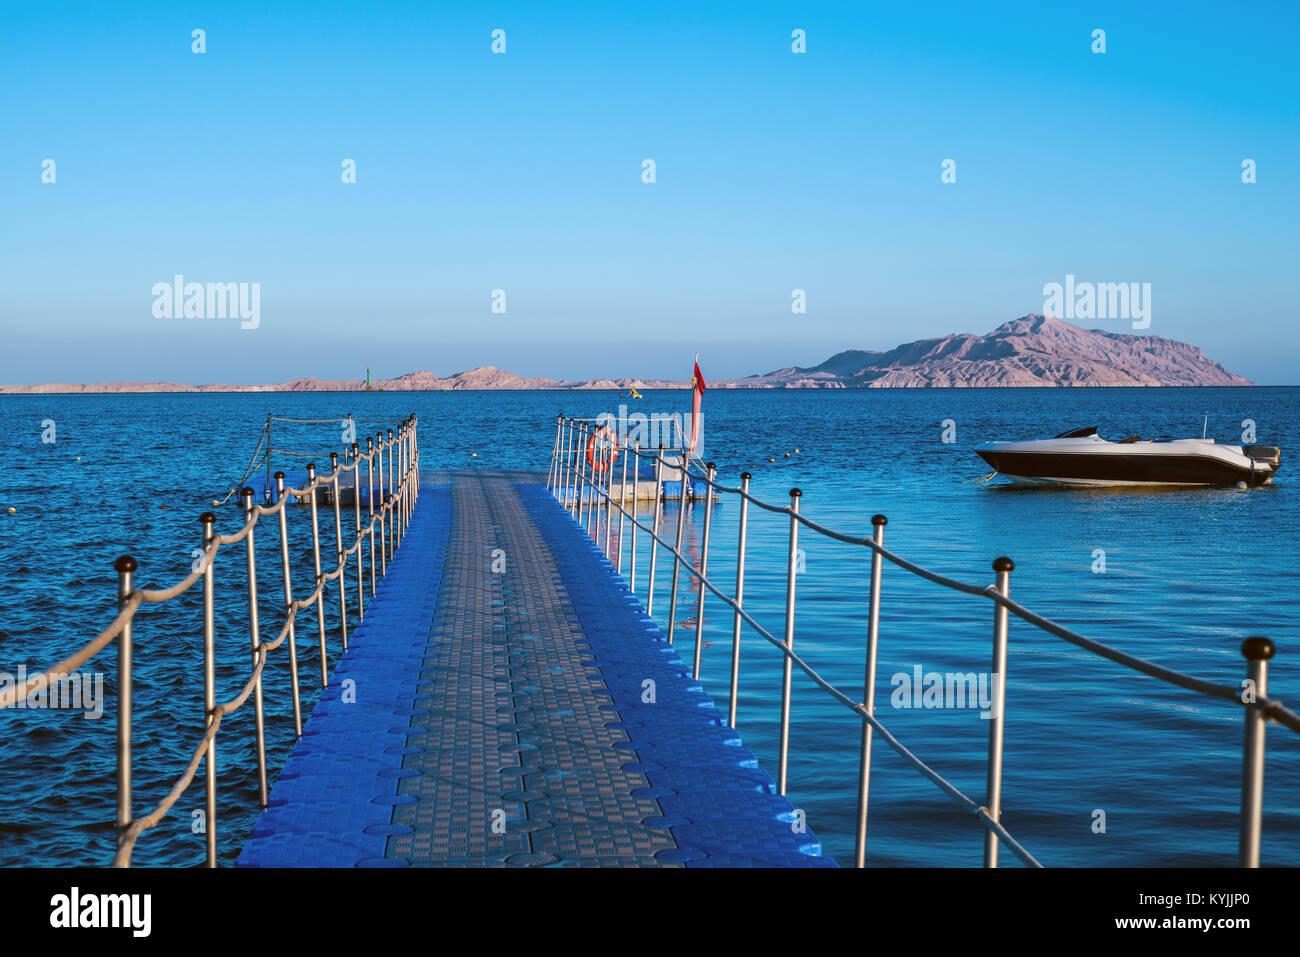 Ponton im Roten Meer, Boot und die Insel Tiran Stockbild